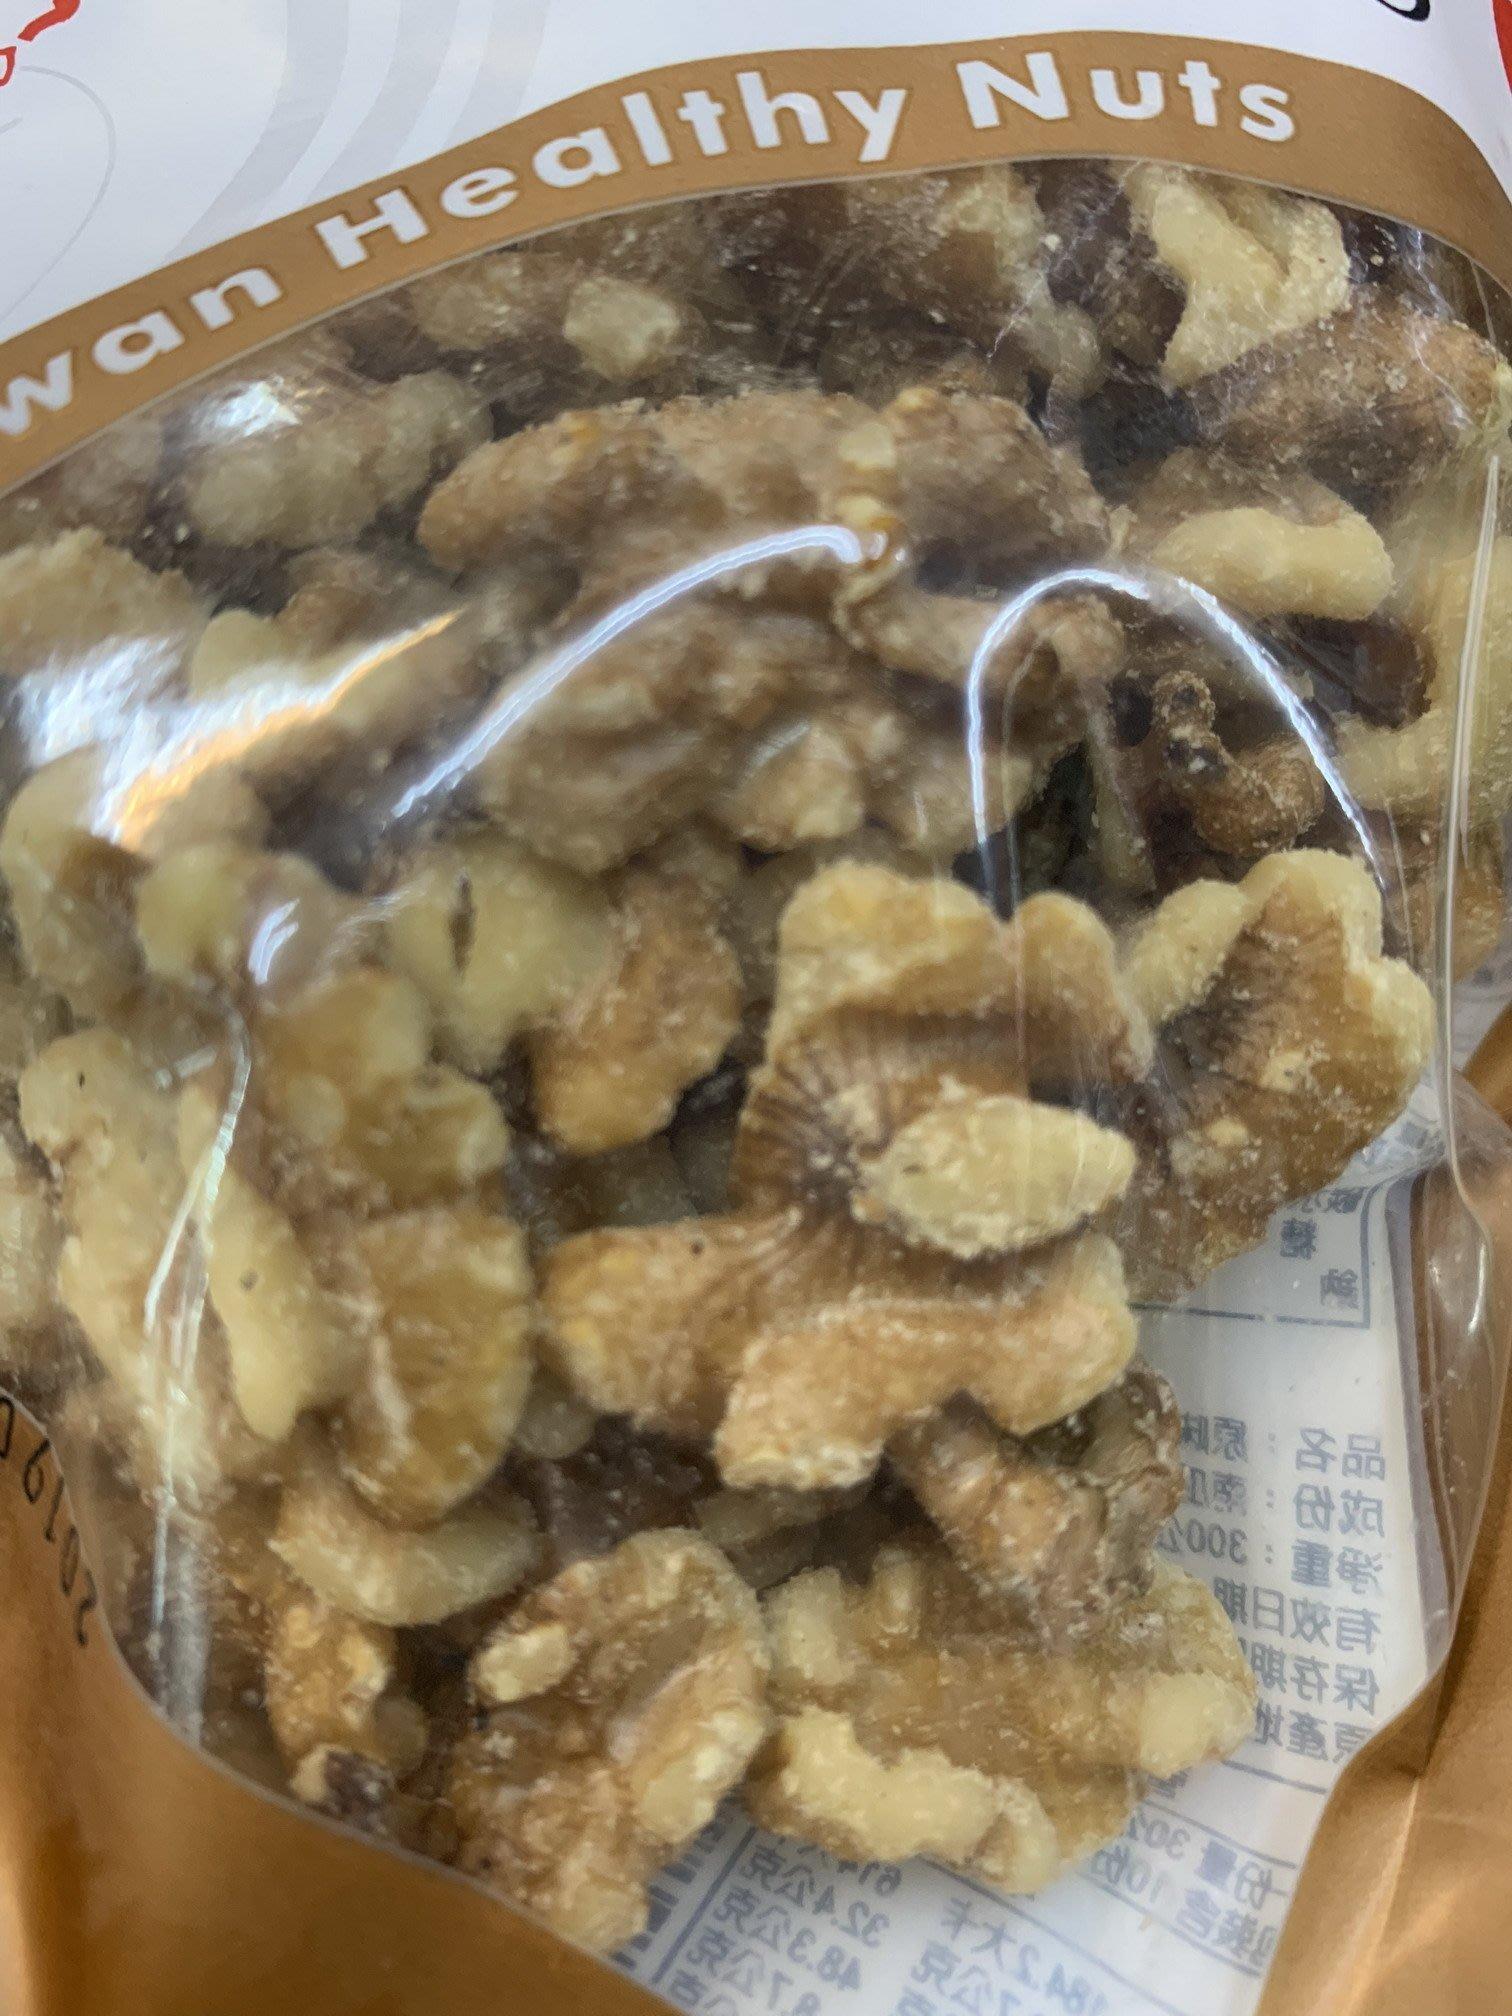 長慶水果~新鮮健康堅果系列【核桃*杏仁*(300g)】每包$160元新上市~